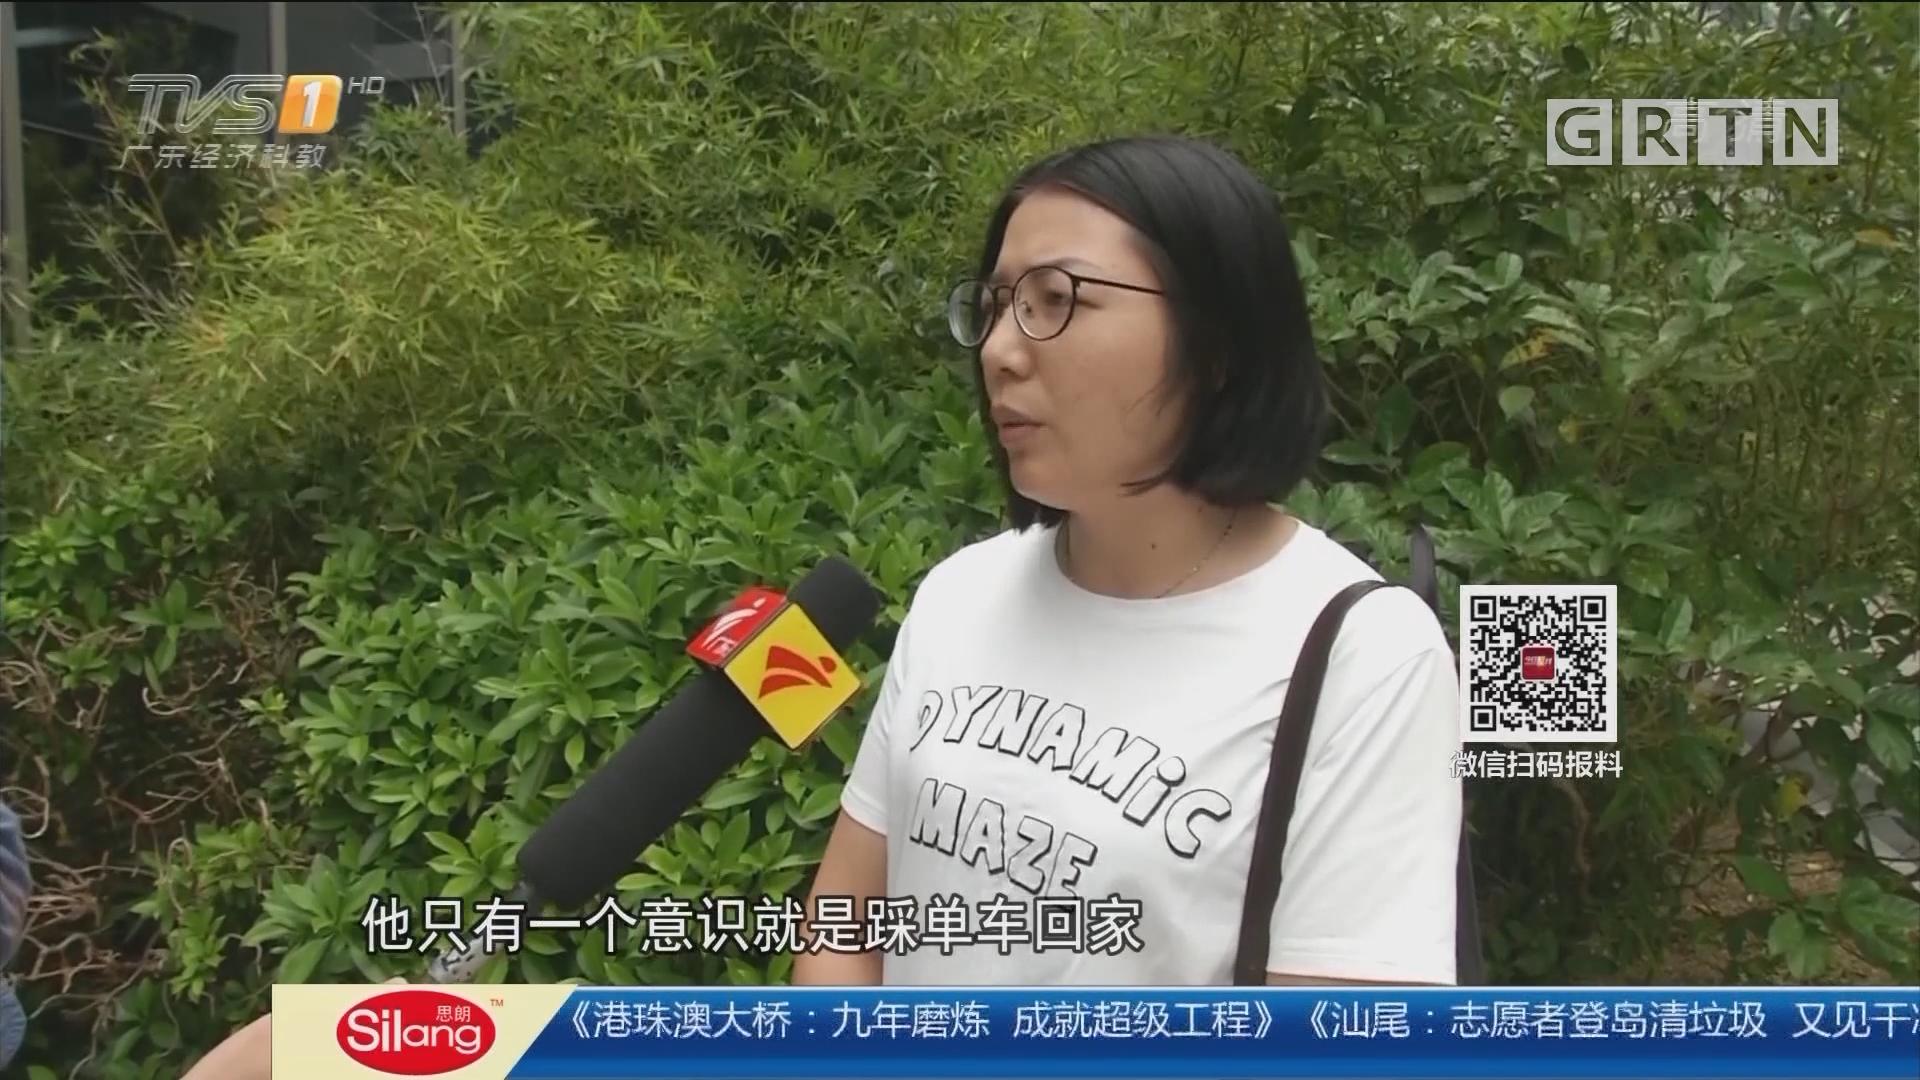 """系列专栏""""温度"""":深圳 爱心接力 失踪3天的老人在东莞找到了!"""